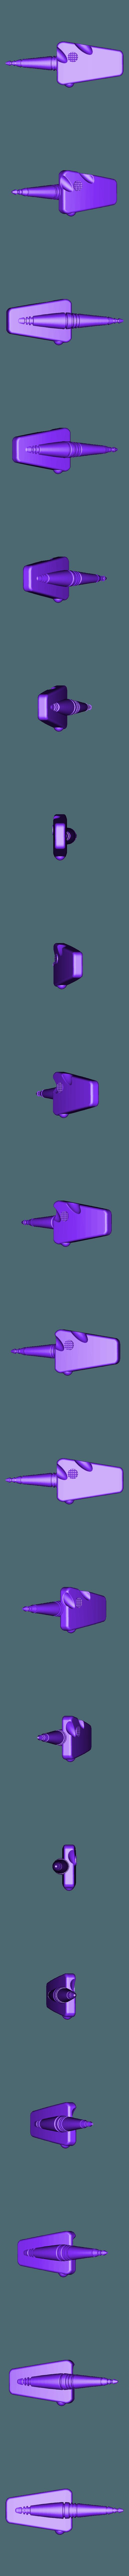 scalosian_whole.stl Télécharger fichier STL gratuit Arme scalosienne TOS • Objet à imprimer en 3D, poblocki1982